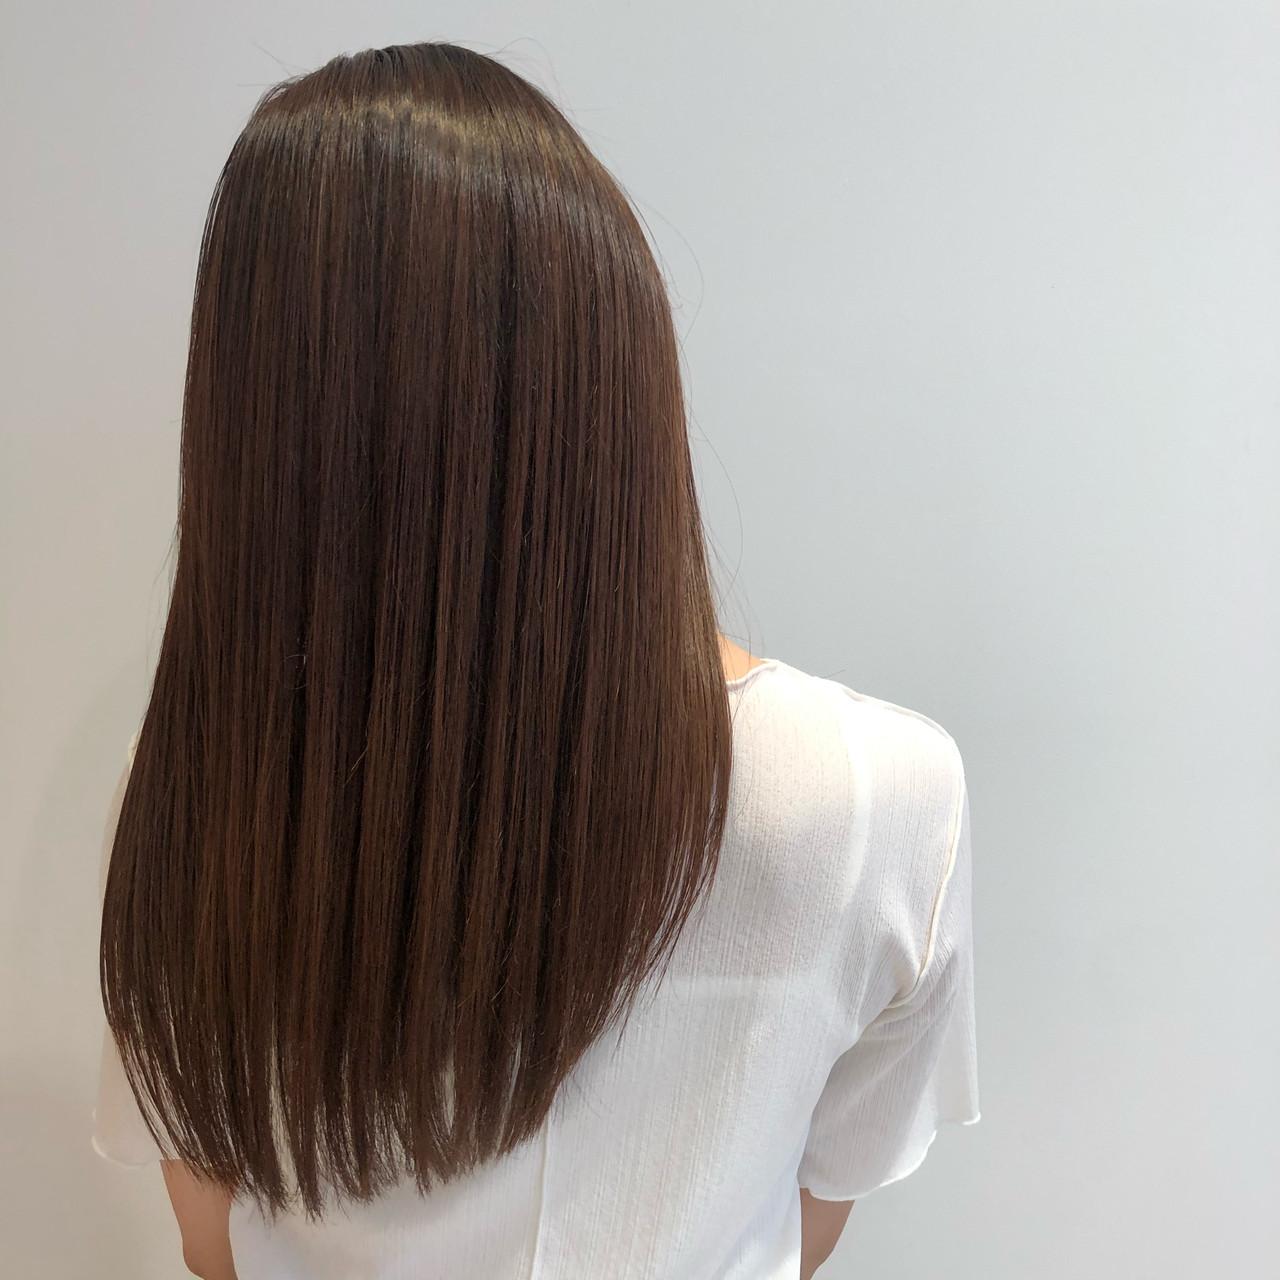 ストレート 髪質改善トリートメント ナチュラル 髪質改善 ヘアスタイルや髪型の写真・画像